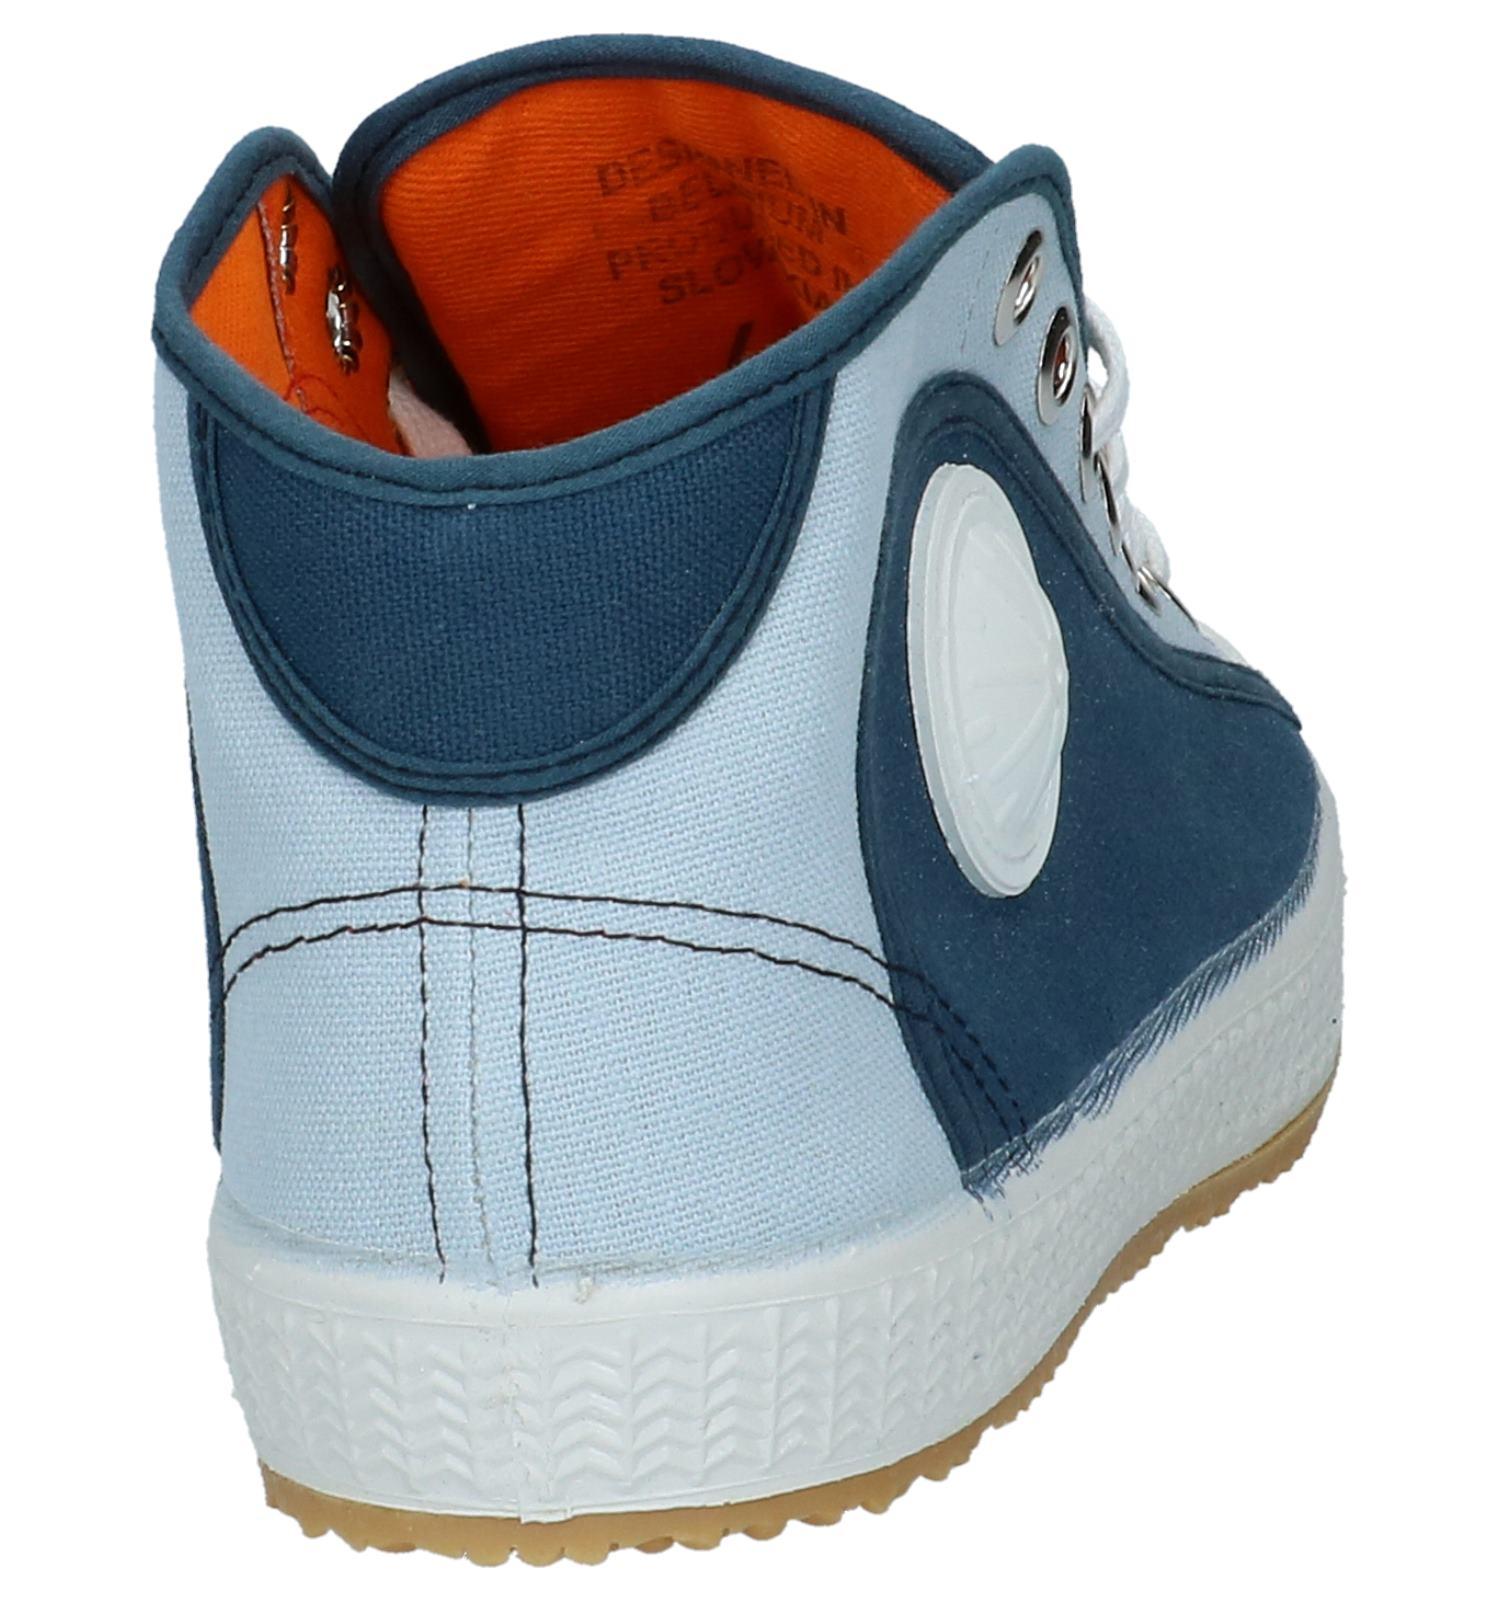 Blauwe Komrads Sneakers Blauwe Komrads Sneakers Stalingrad Sneakers Stalingrad Komrads Blauwe Stalingrad QedBoCxrW